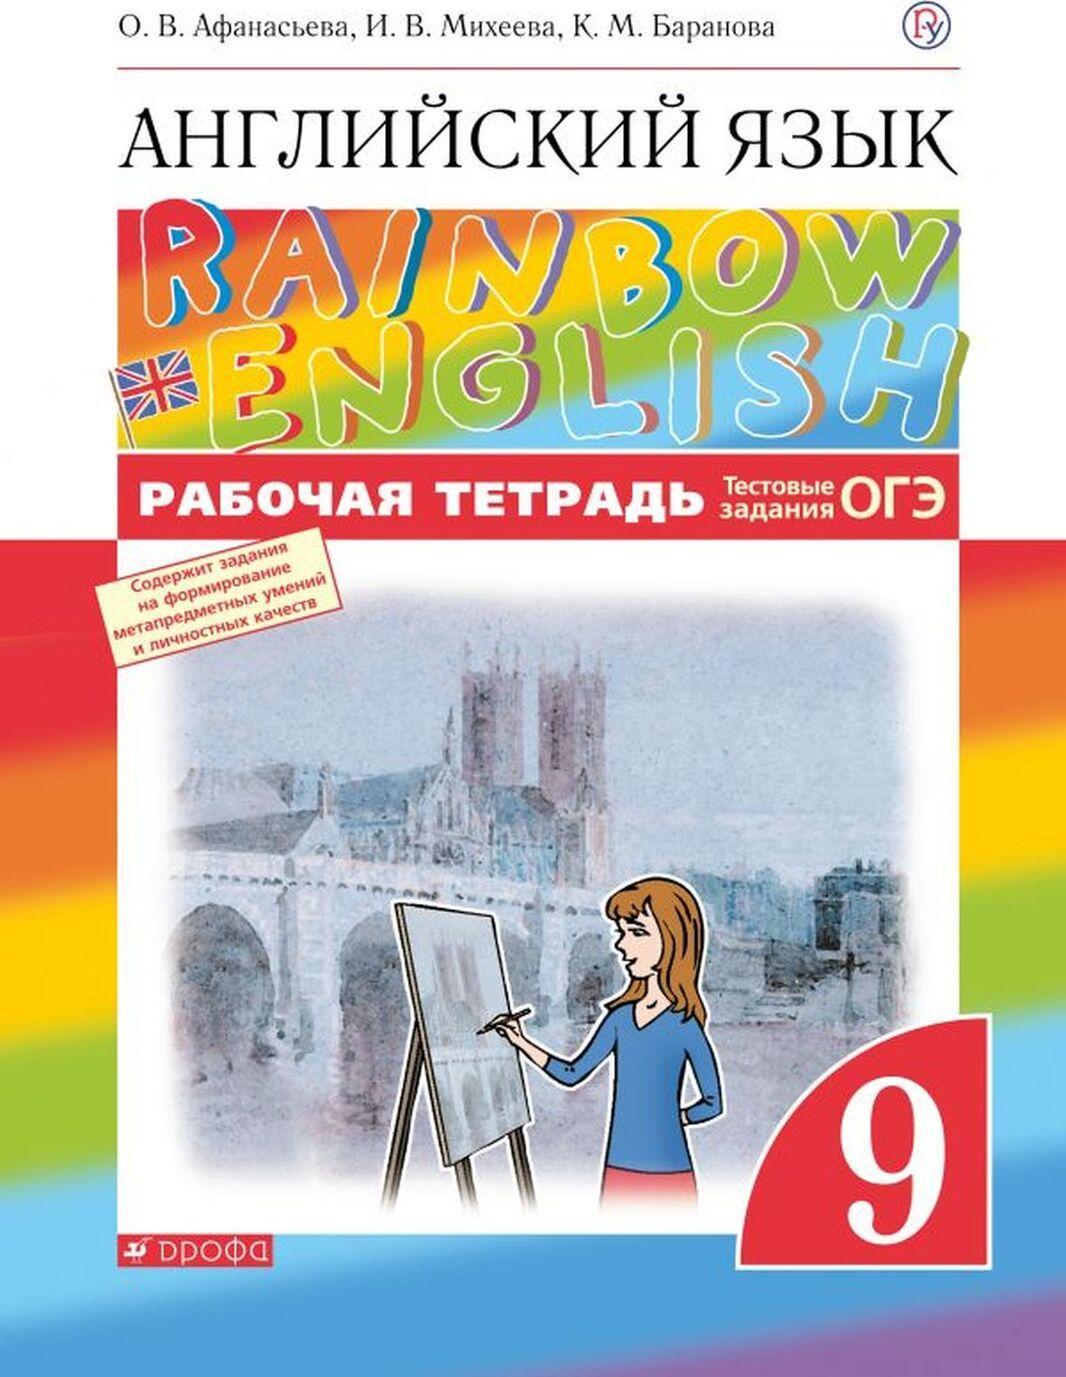 OGE. Anglijskij jazyk. 9 klass. Rabochaja tetrad. Testovye zadanija | Afanaseva Olga Vasilevna, Baranova Ksenija Mikhajlovna